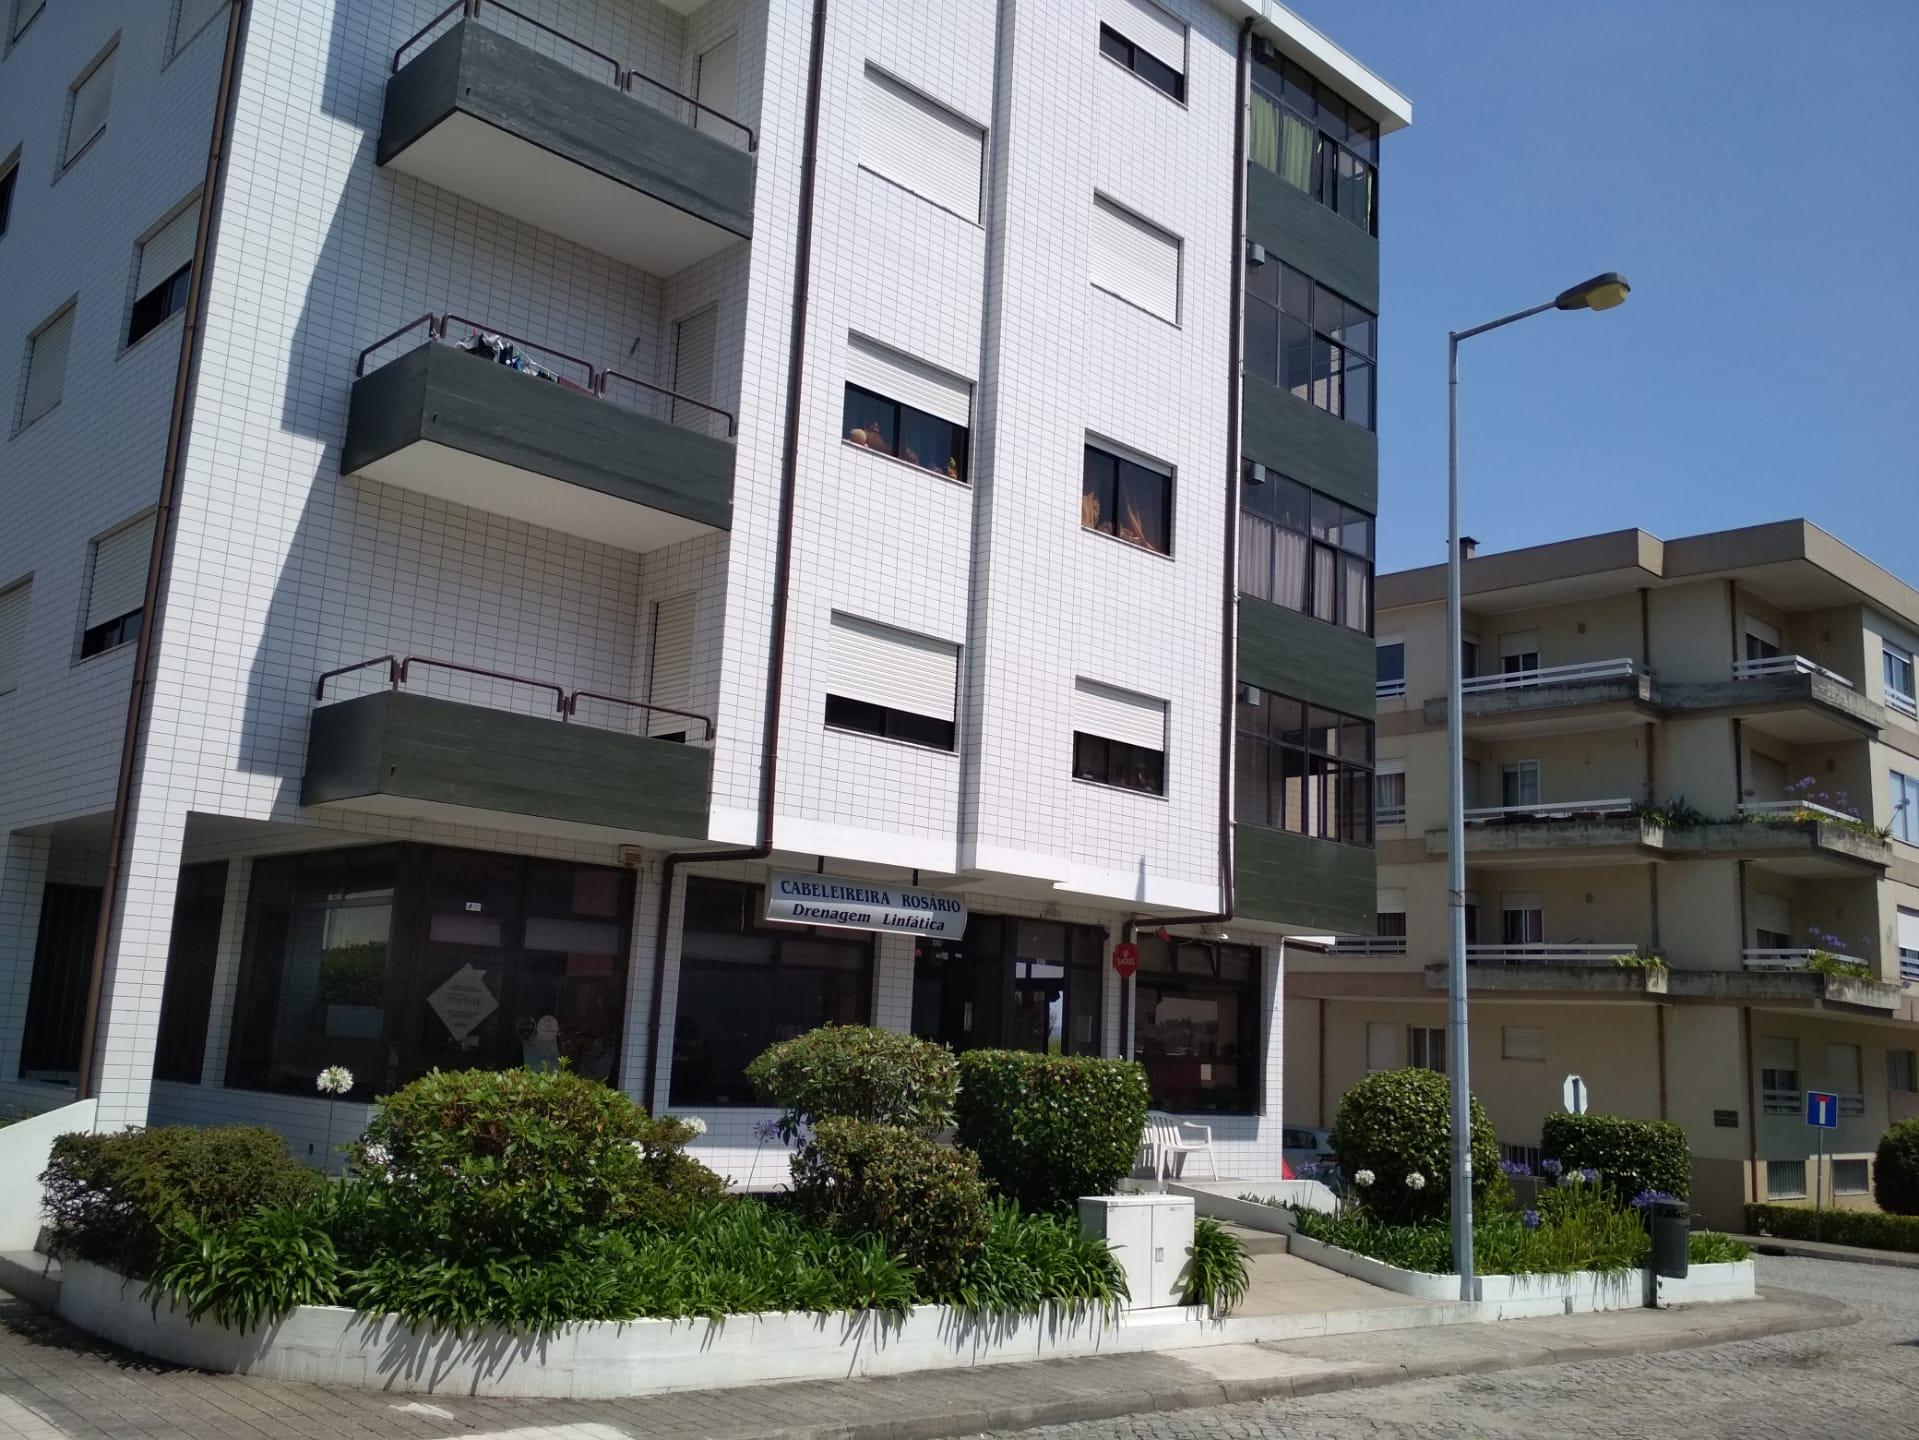 Apartamento T2 c/ cozinha equipada e lugar garagem, Castelo da Maia (Ismai)